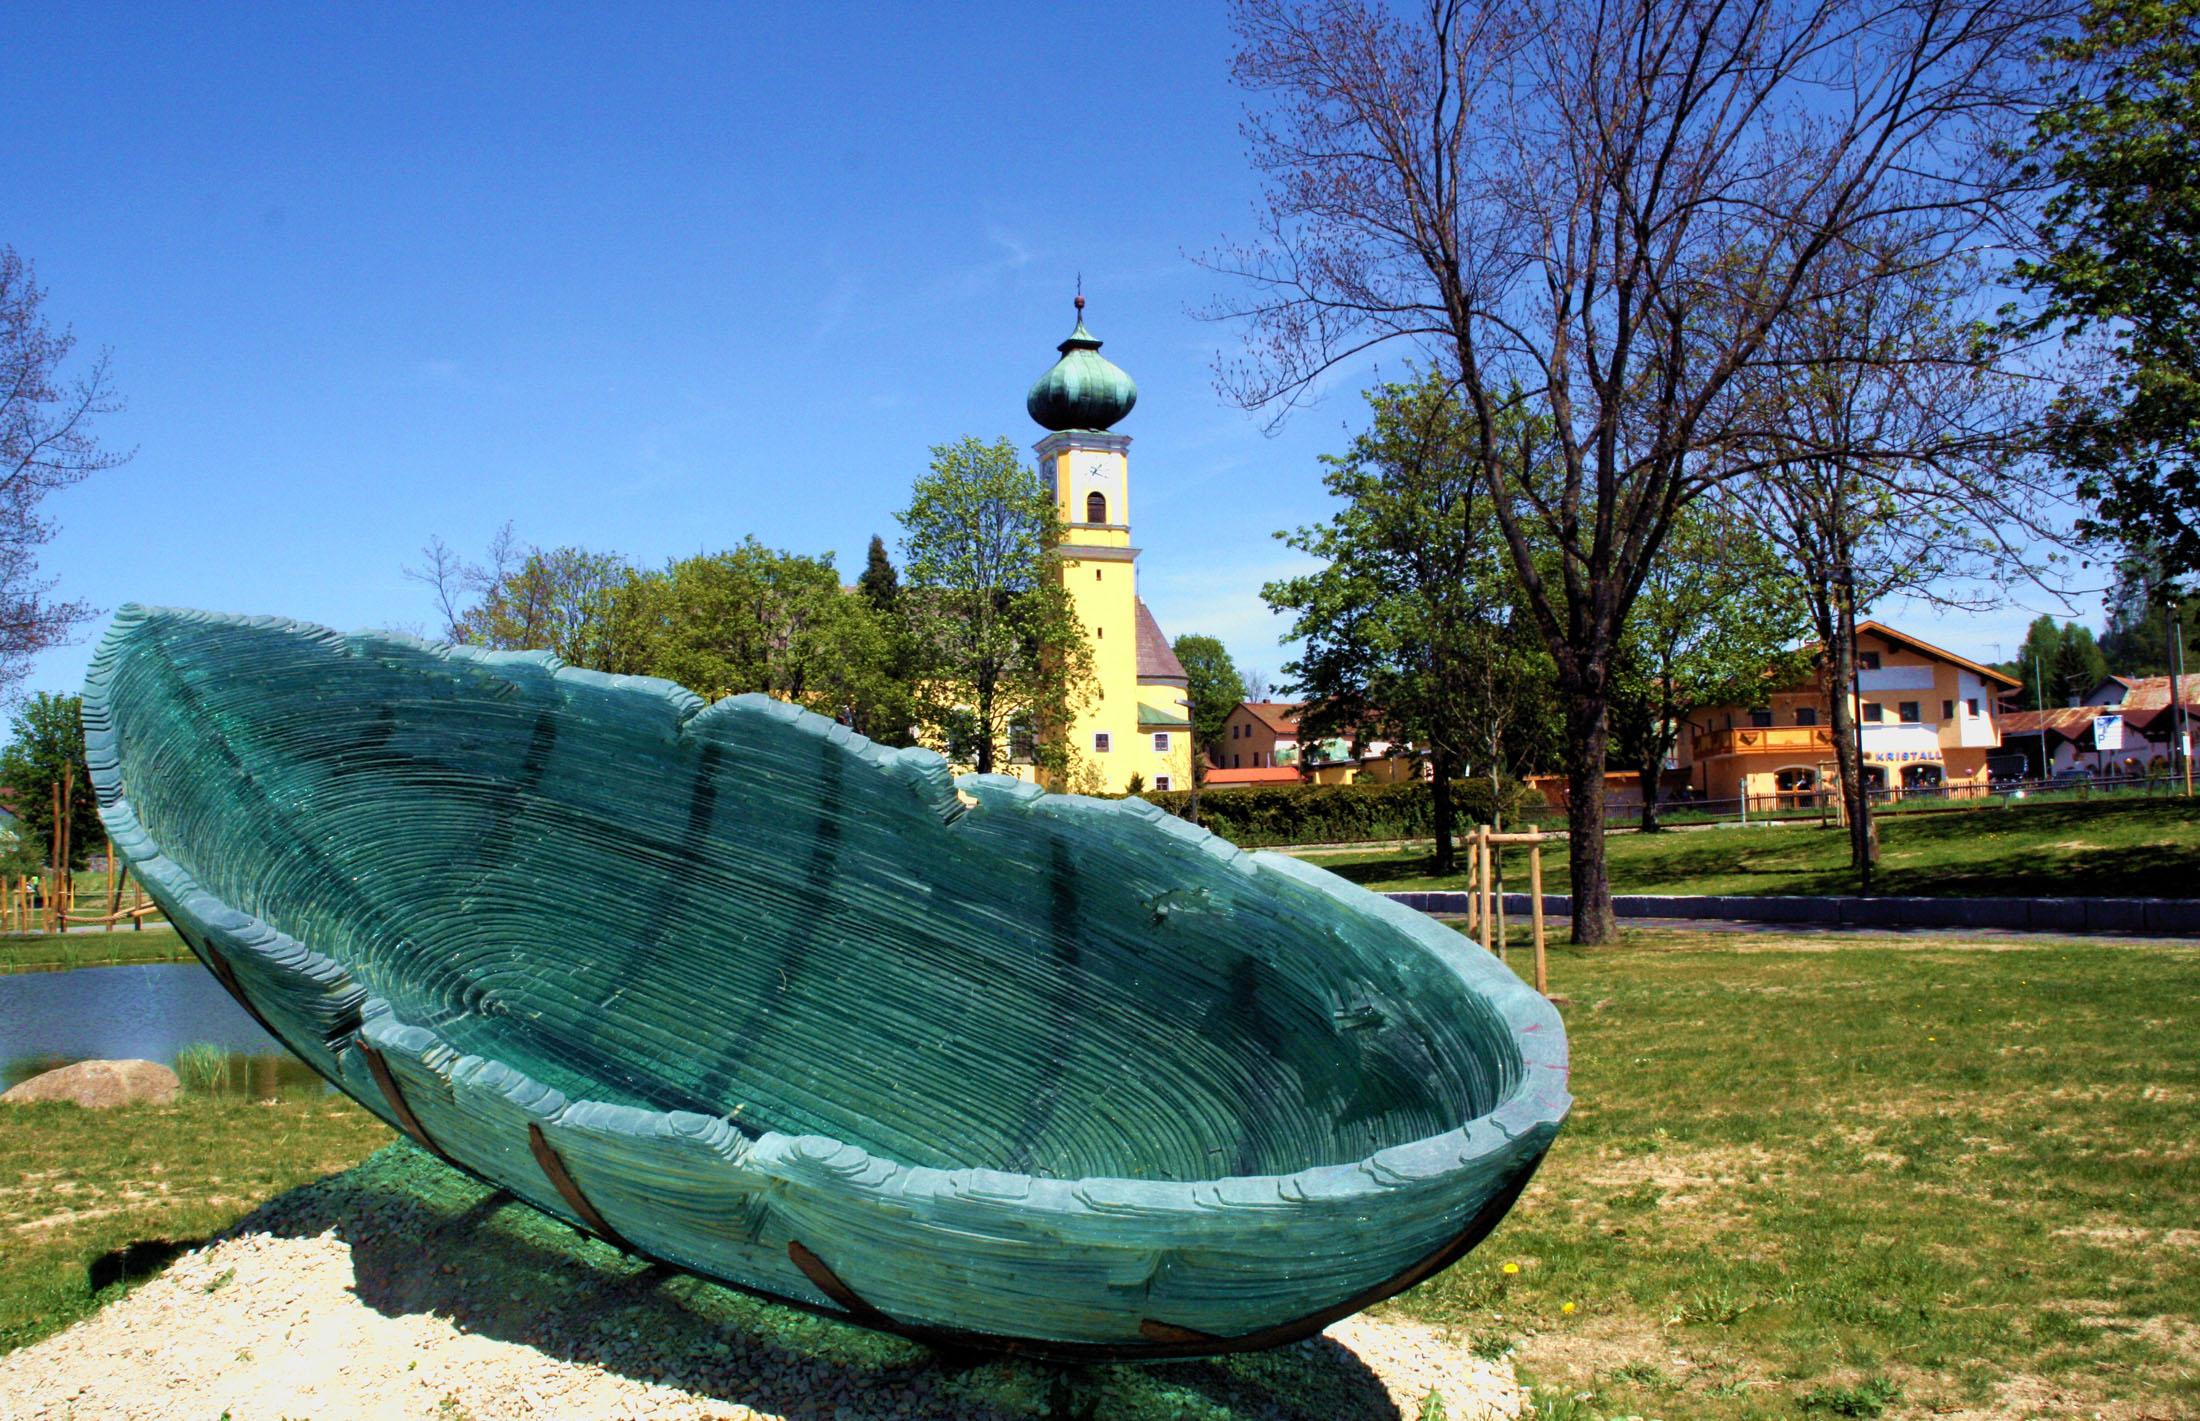 Glas Gardens in Frauenau - Gläserne Gärten in Frauenau